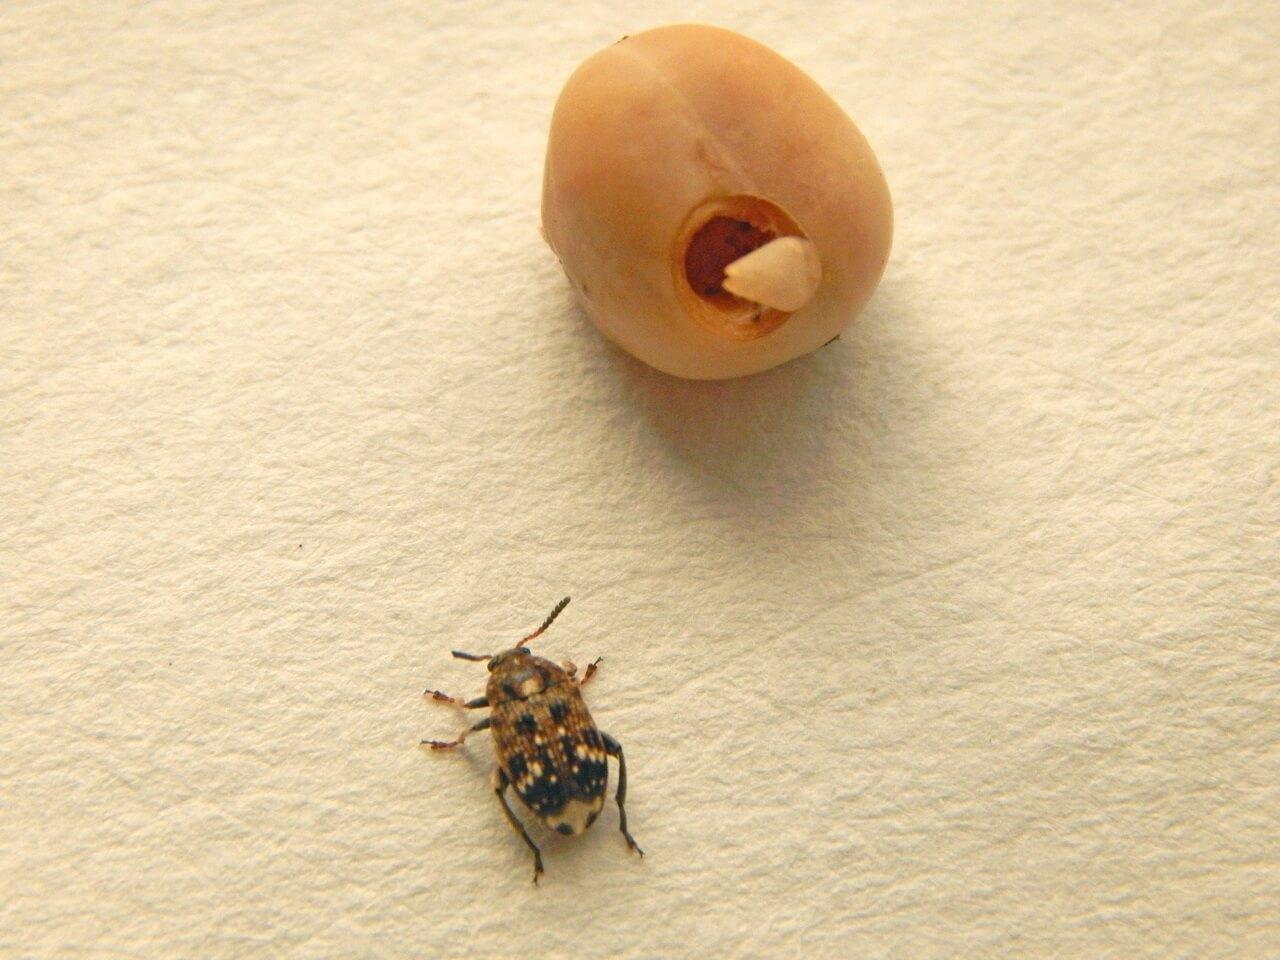 Брухус, или гороховая зерновка: вред и способы борьбы с насекомым